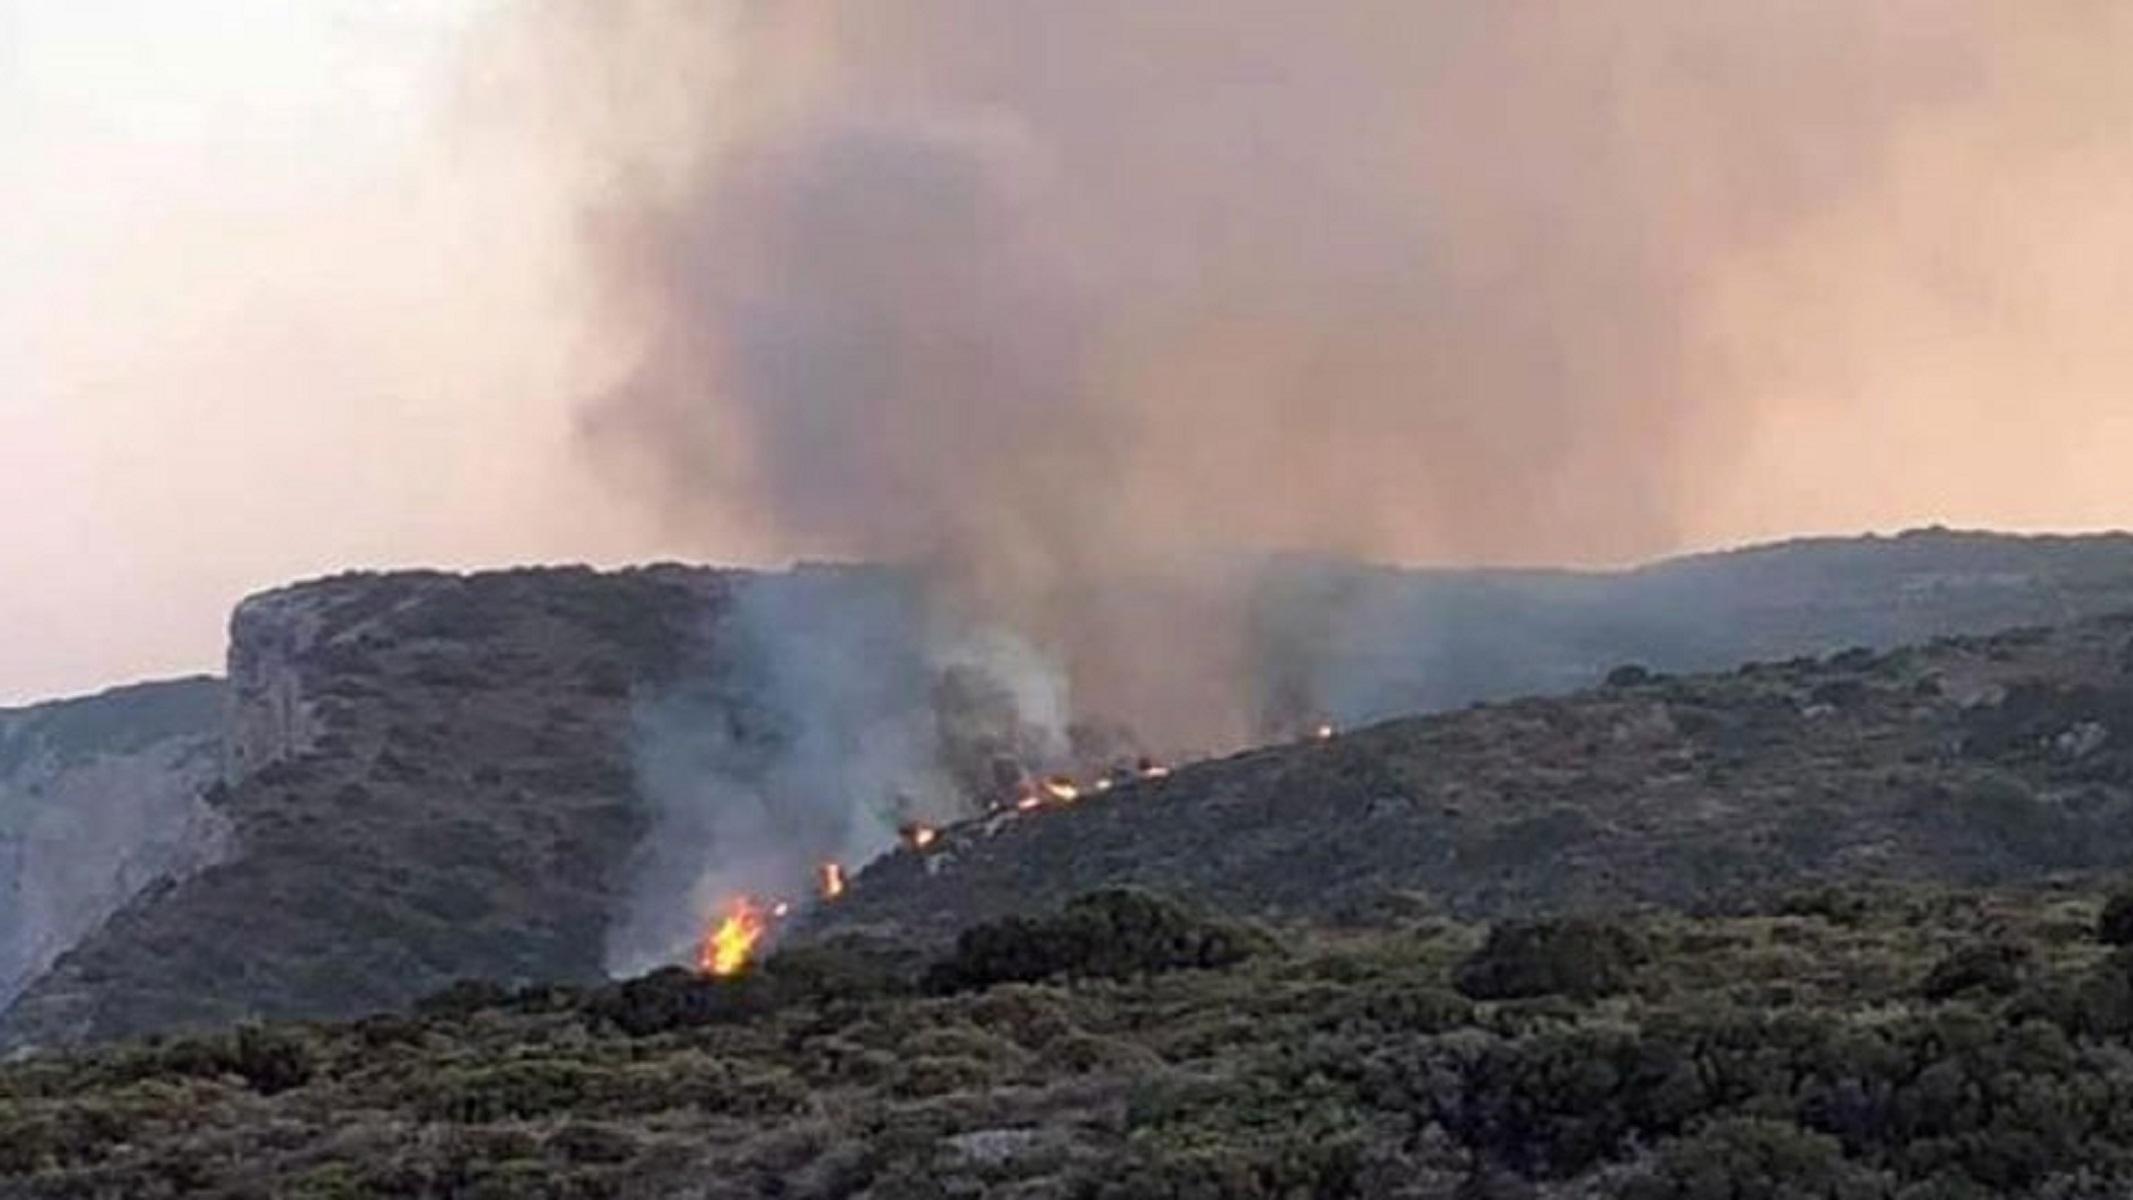 Φωτιά στα Κύθηρα: Και εναέρια μέσα στη μάχη για την κατάσβεση της φωτιάς